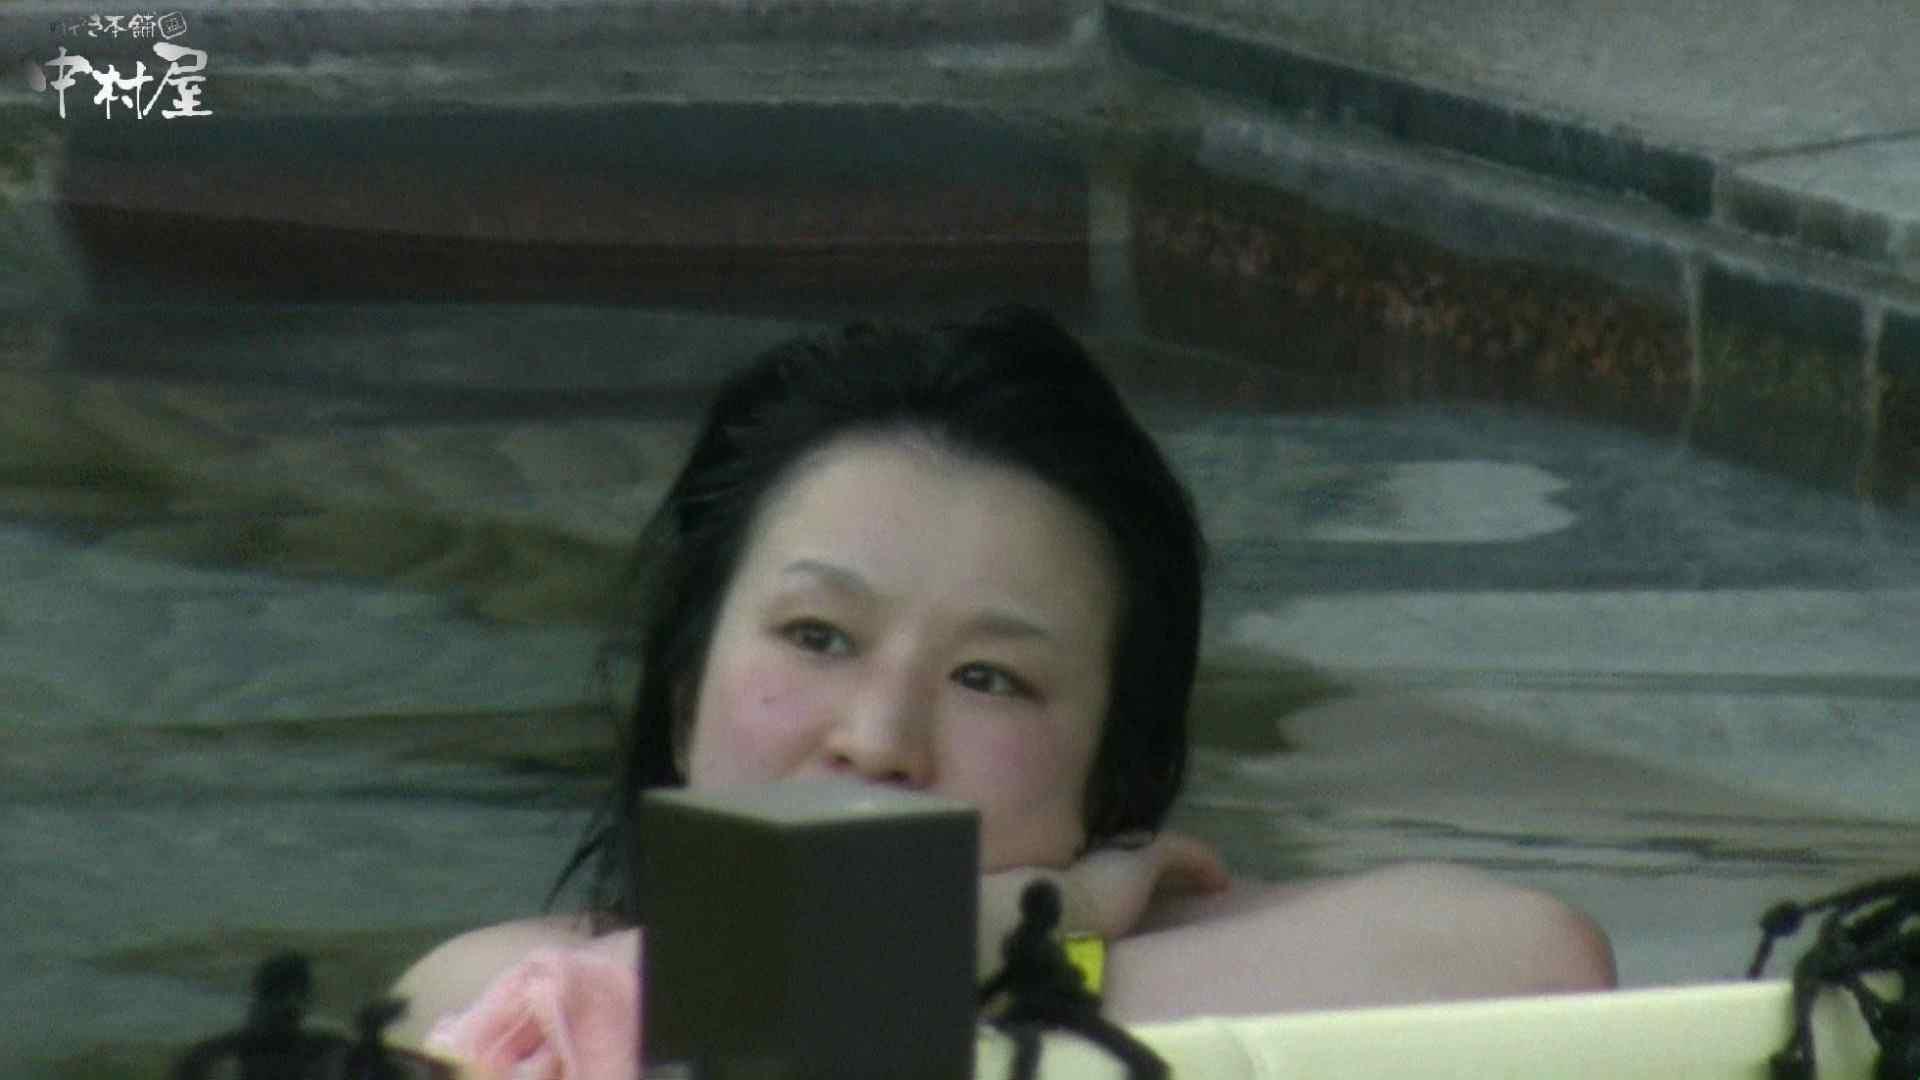 Aquaな露天風呂Vol.982 美しいOLの裸体   盗撮師作品  78pic 55